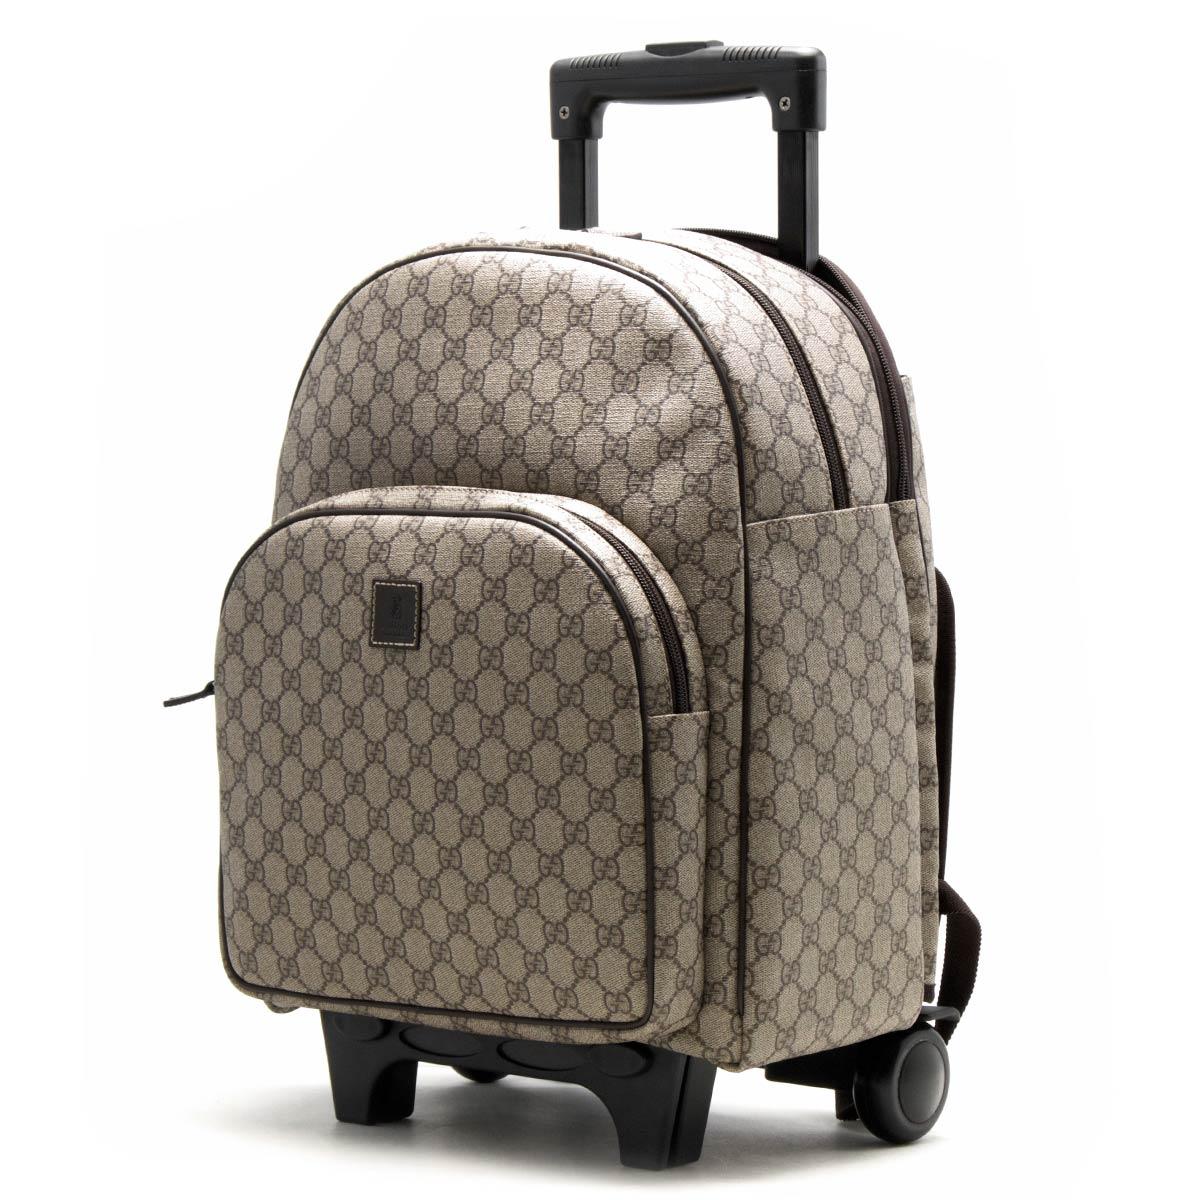 グッチ スーツケース/リュックサック バッグ メンズ レディース GGスプリーム ベアー キッズ キャリーバッグ ベージュ&エボニー&ダークブラウン 271341 KGDMN 8805 GUCCI